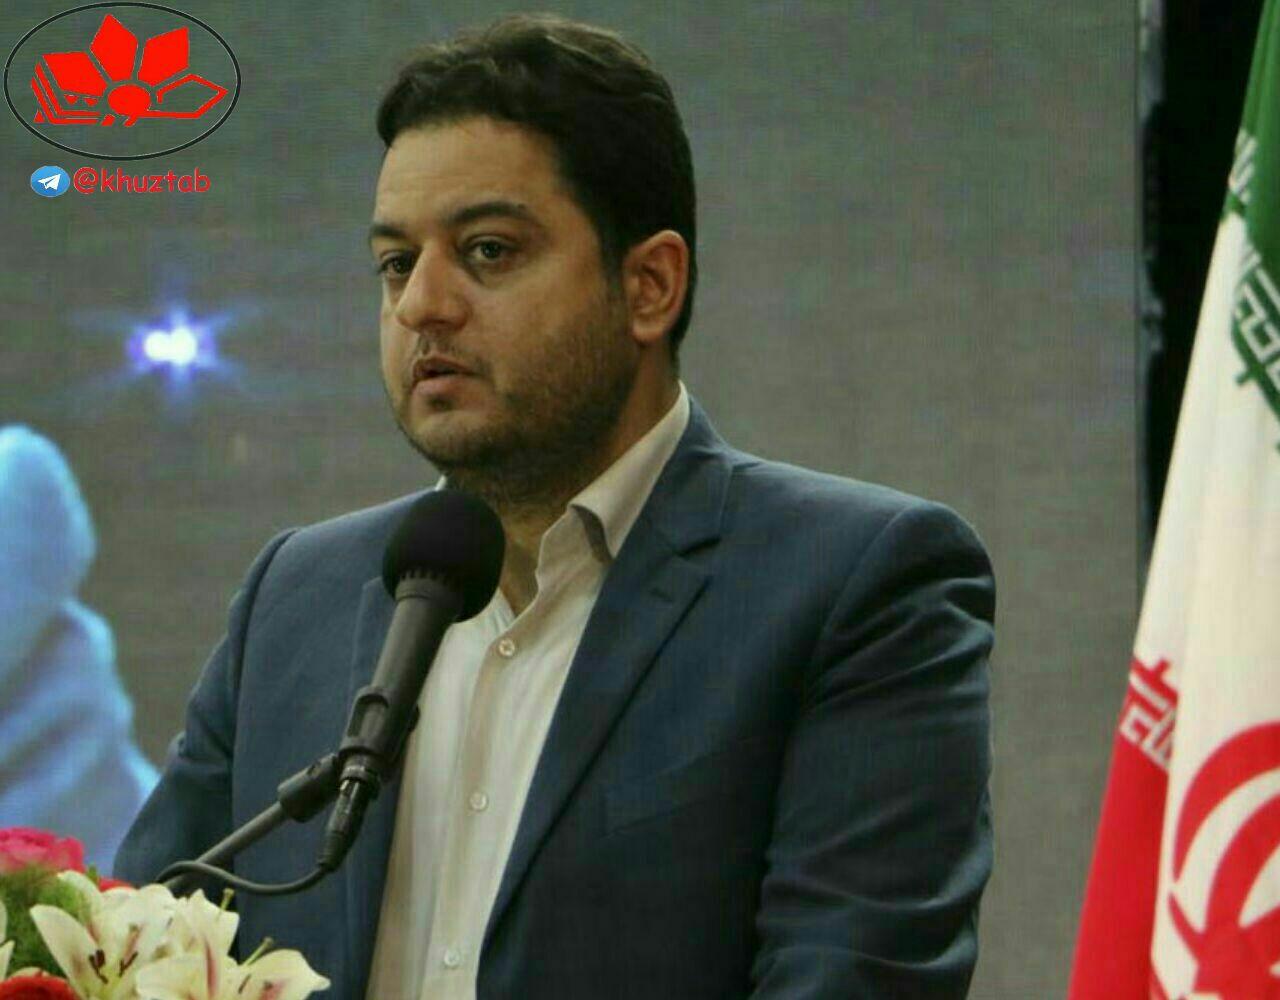 IMG 20190808 204043 278 زمان بهره برداری از مدارس مناطق سیل زده و زلزلهزده خوزستان مشخص شد